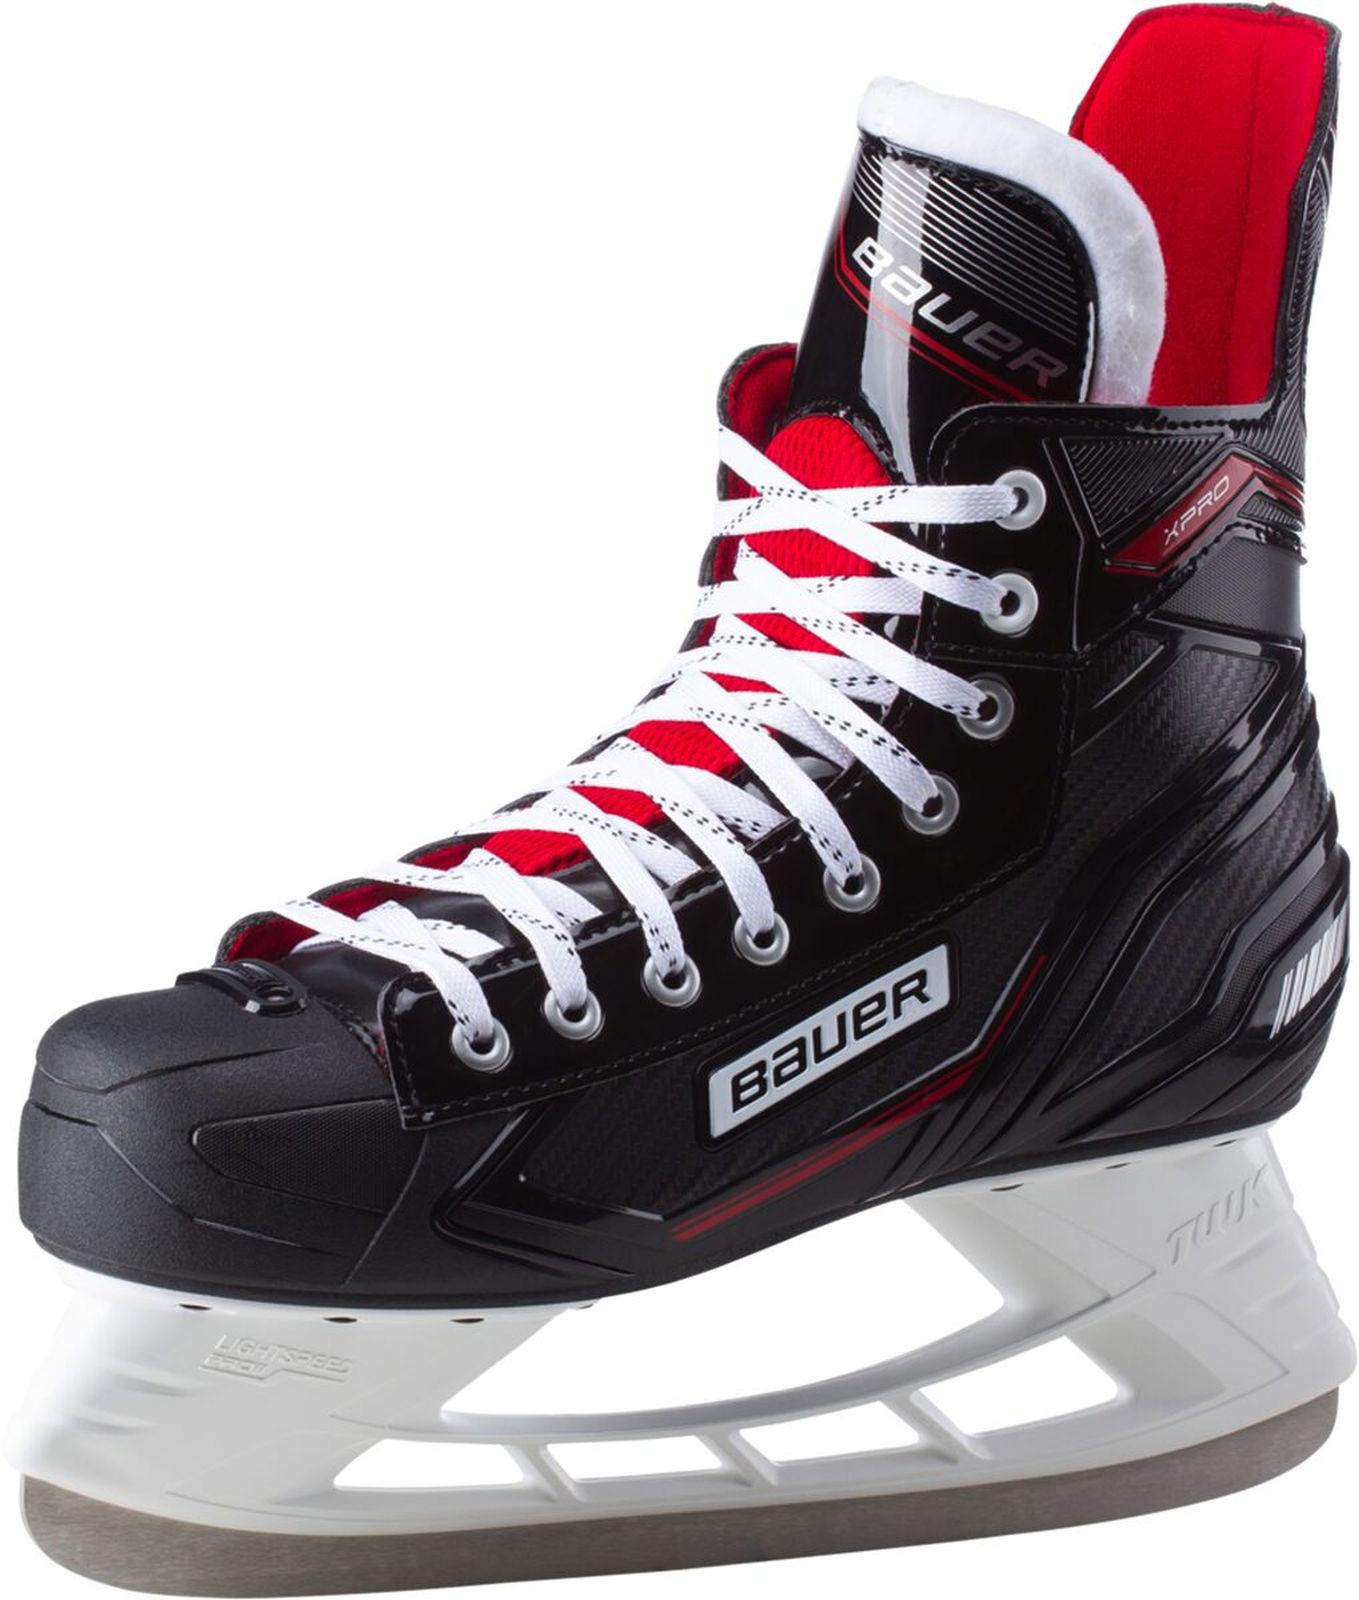 Details zu Bauer Herren Schlittschuhe Eishockey Schlittschuhe X Pro Skate SR schwarz rot